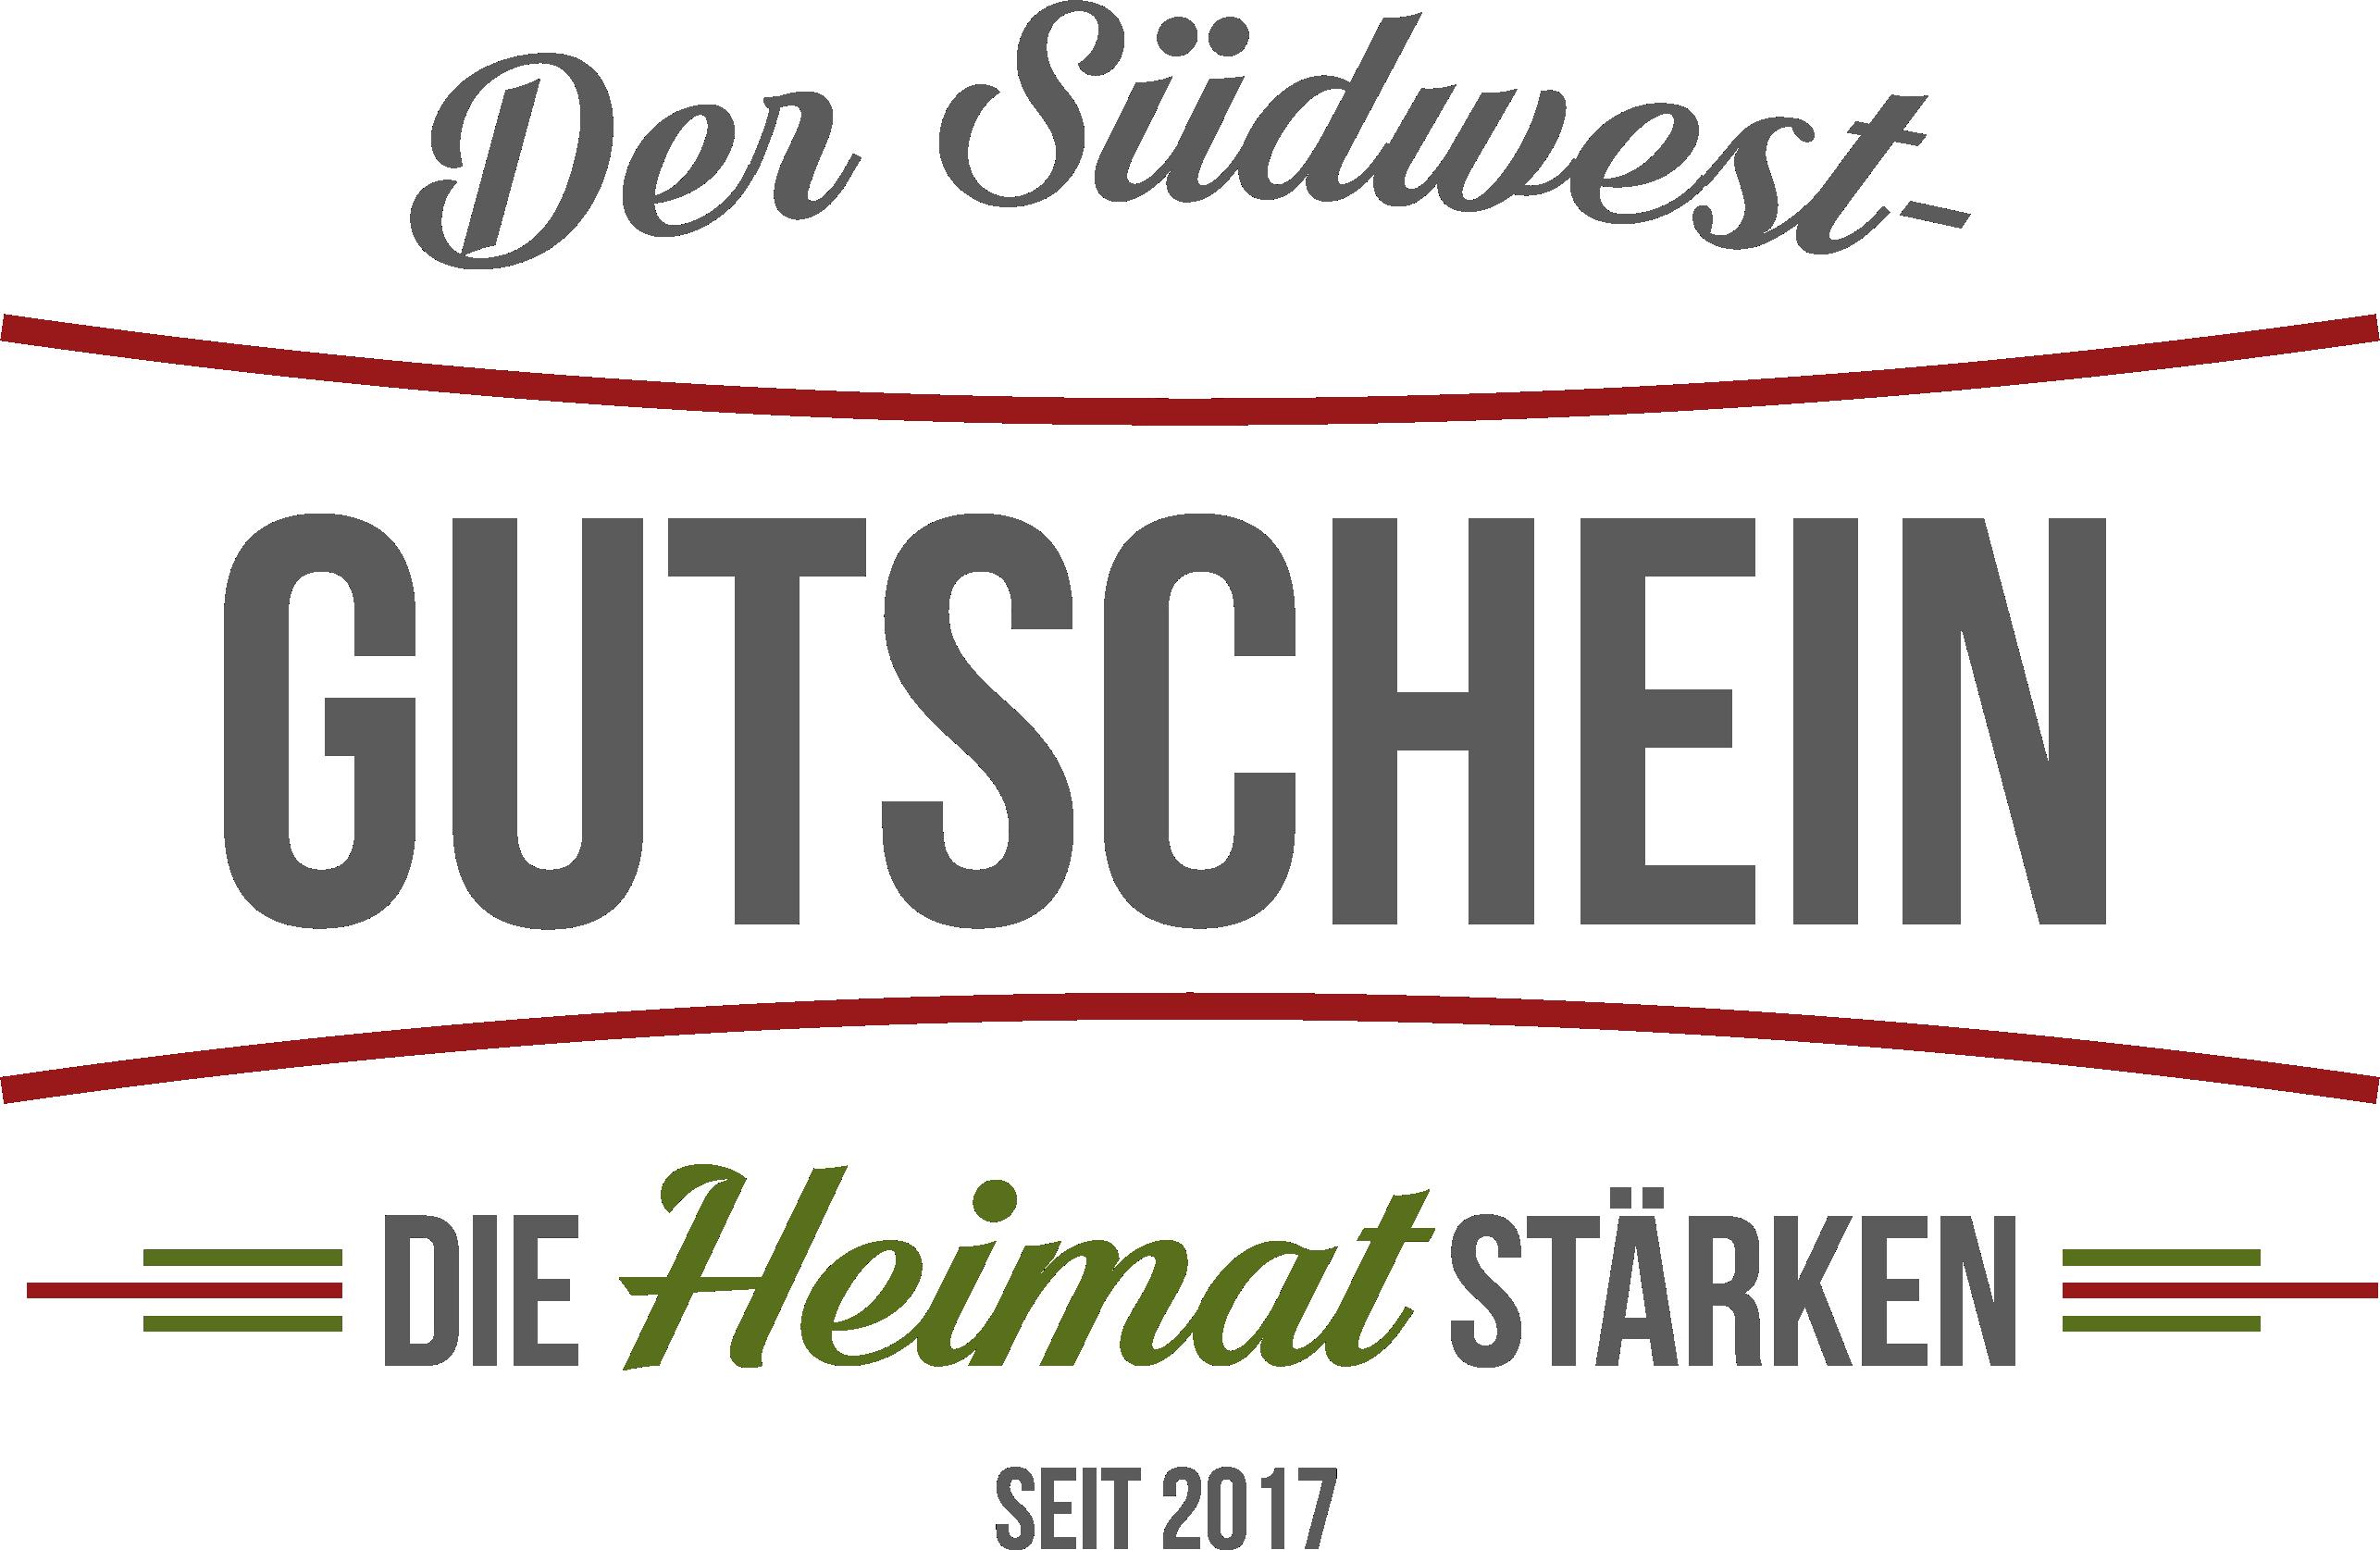 Südwest-gutschein: Media Daten - .